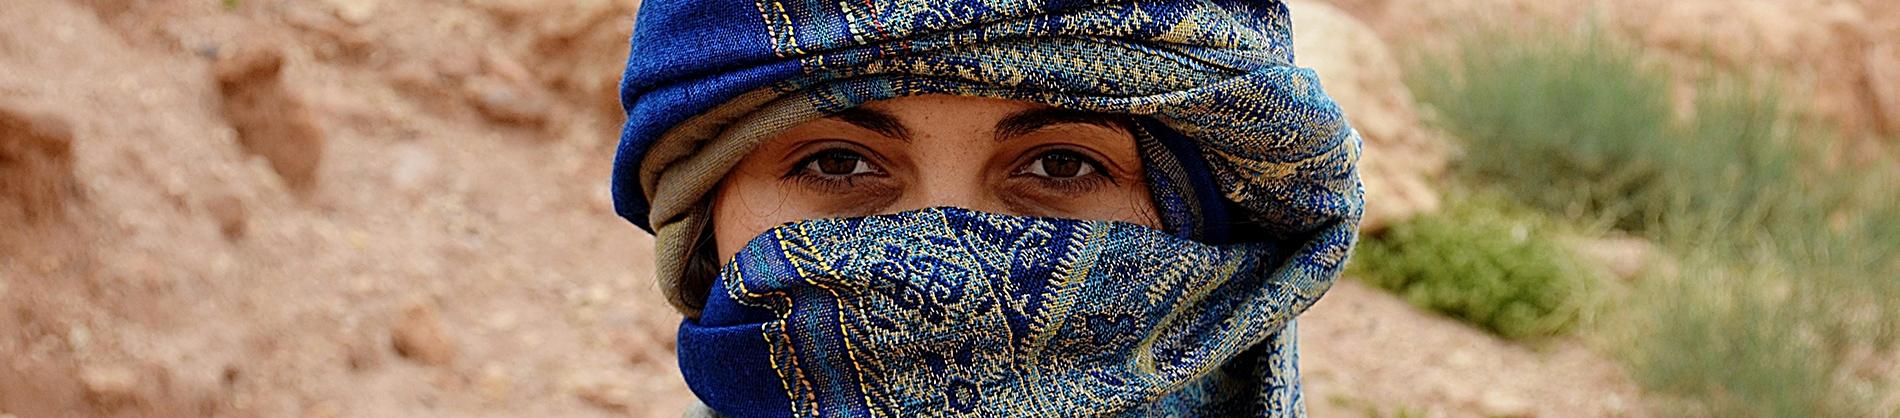 A women wearing a blue head scarf stood in the desert